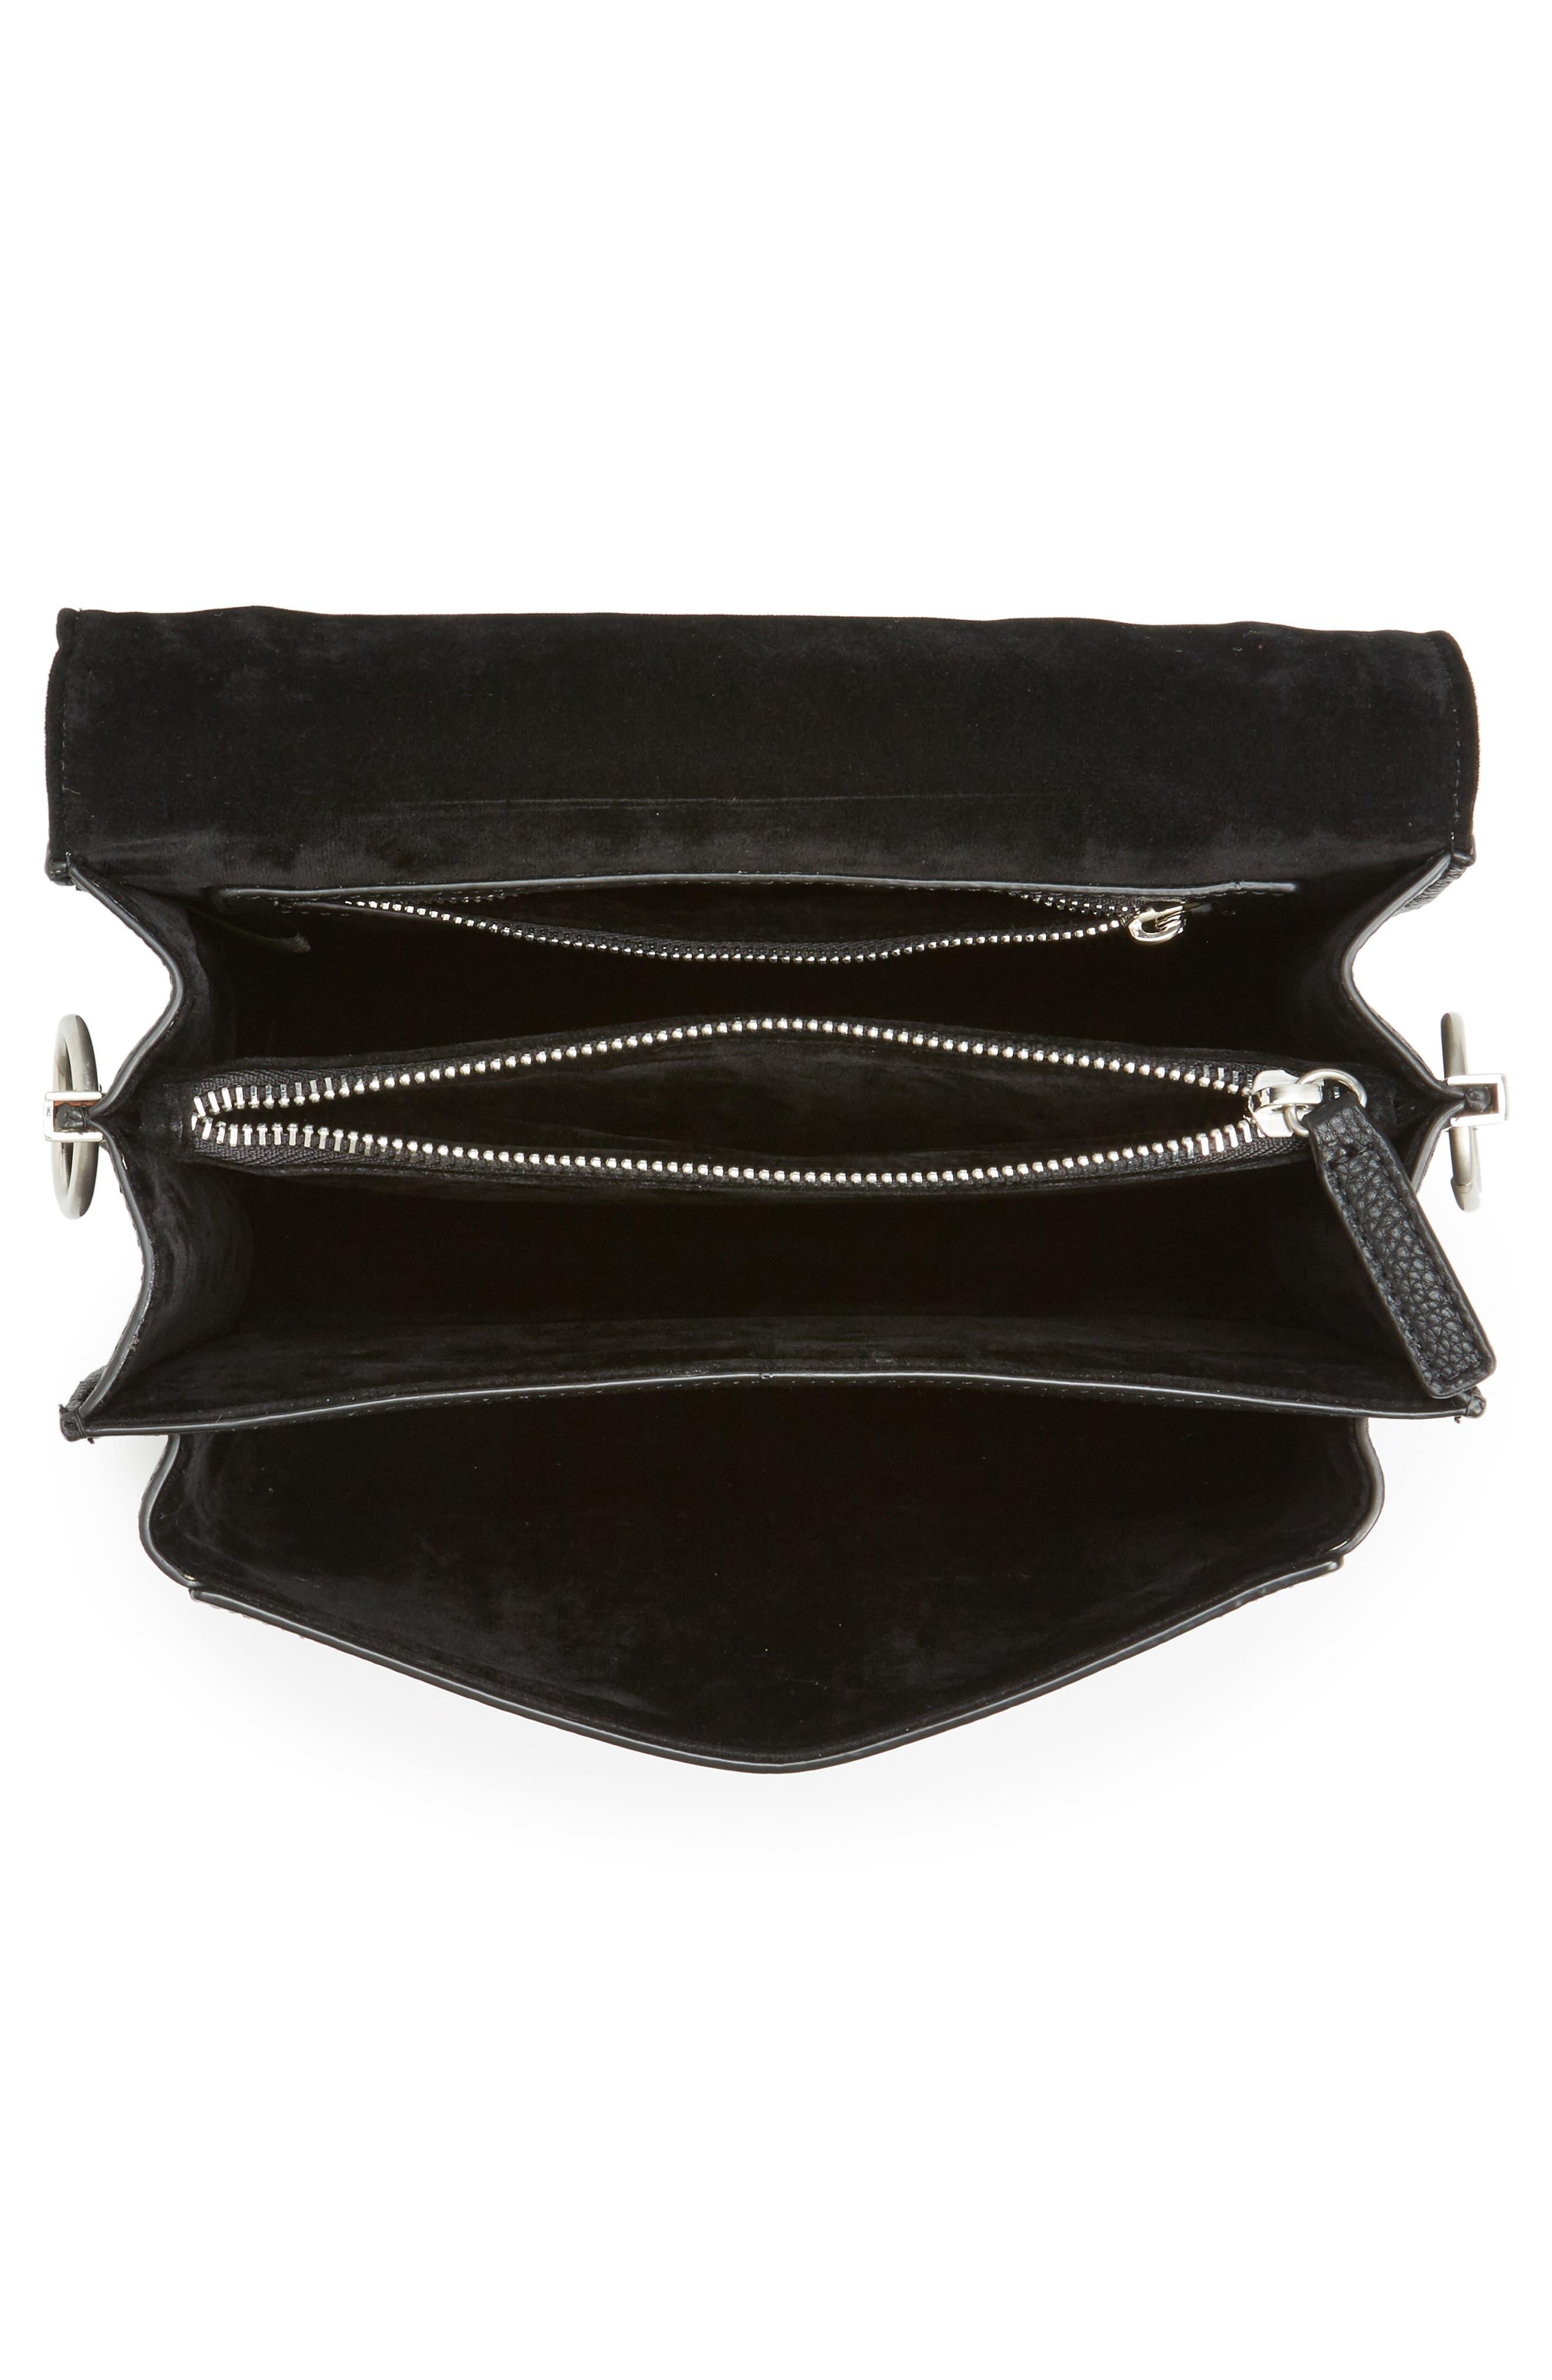 Alternate Image 3  - Sam Edelman Gessica Leather Shoulder Bag